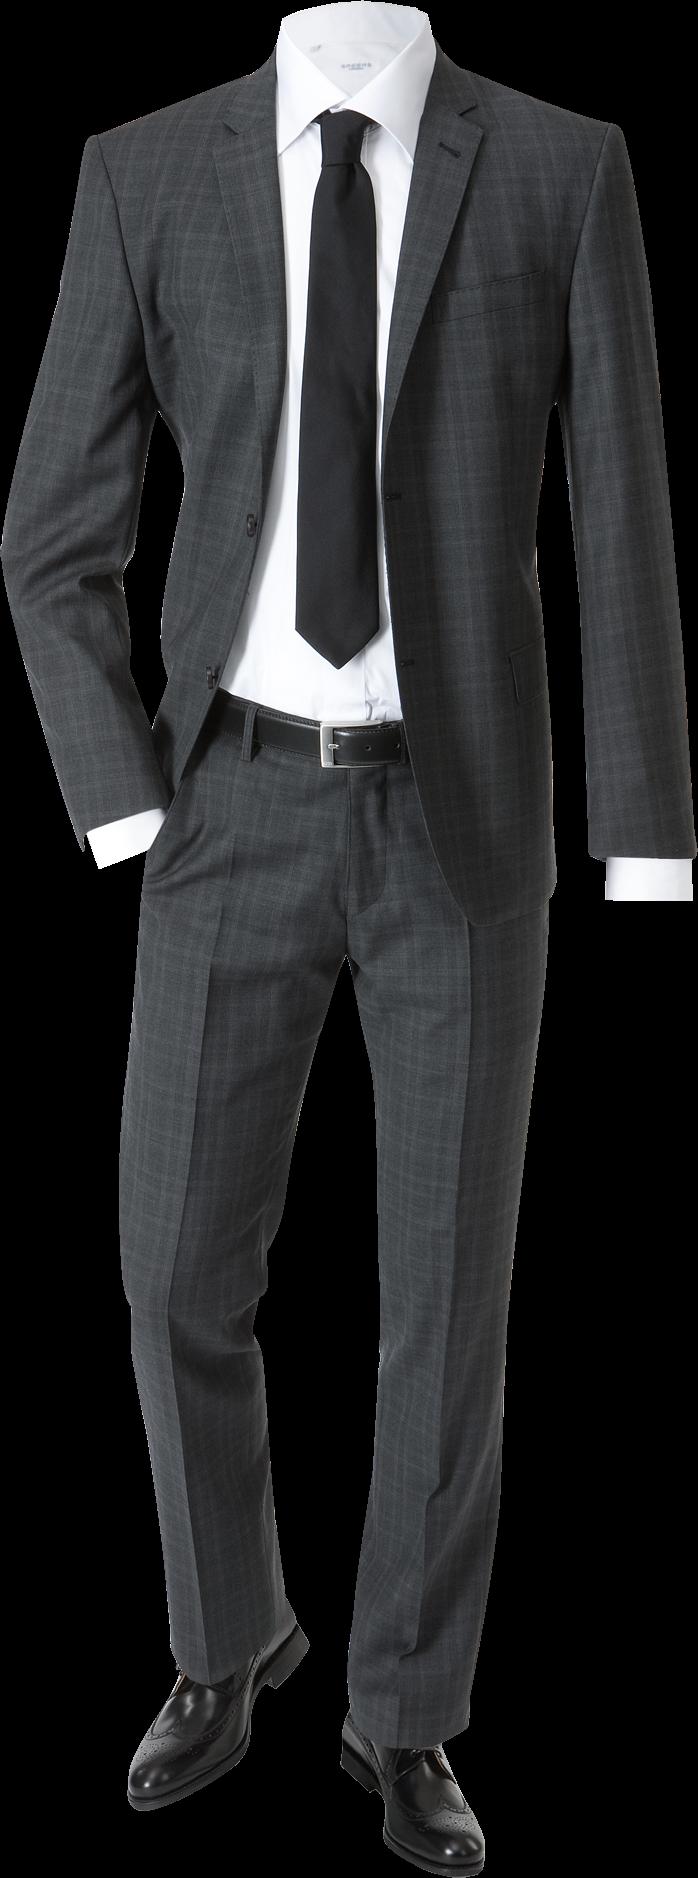 Suit clipart pinstripe suit. Anzug png transparent images